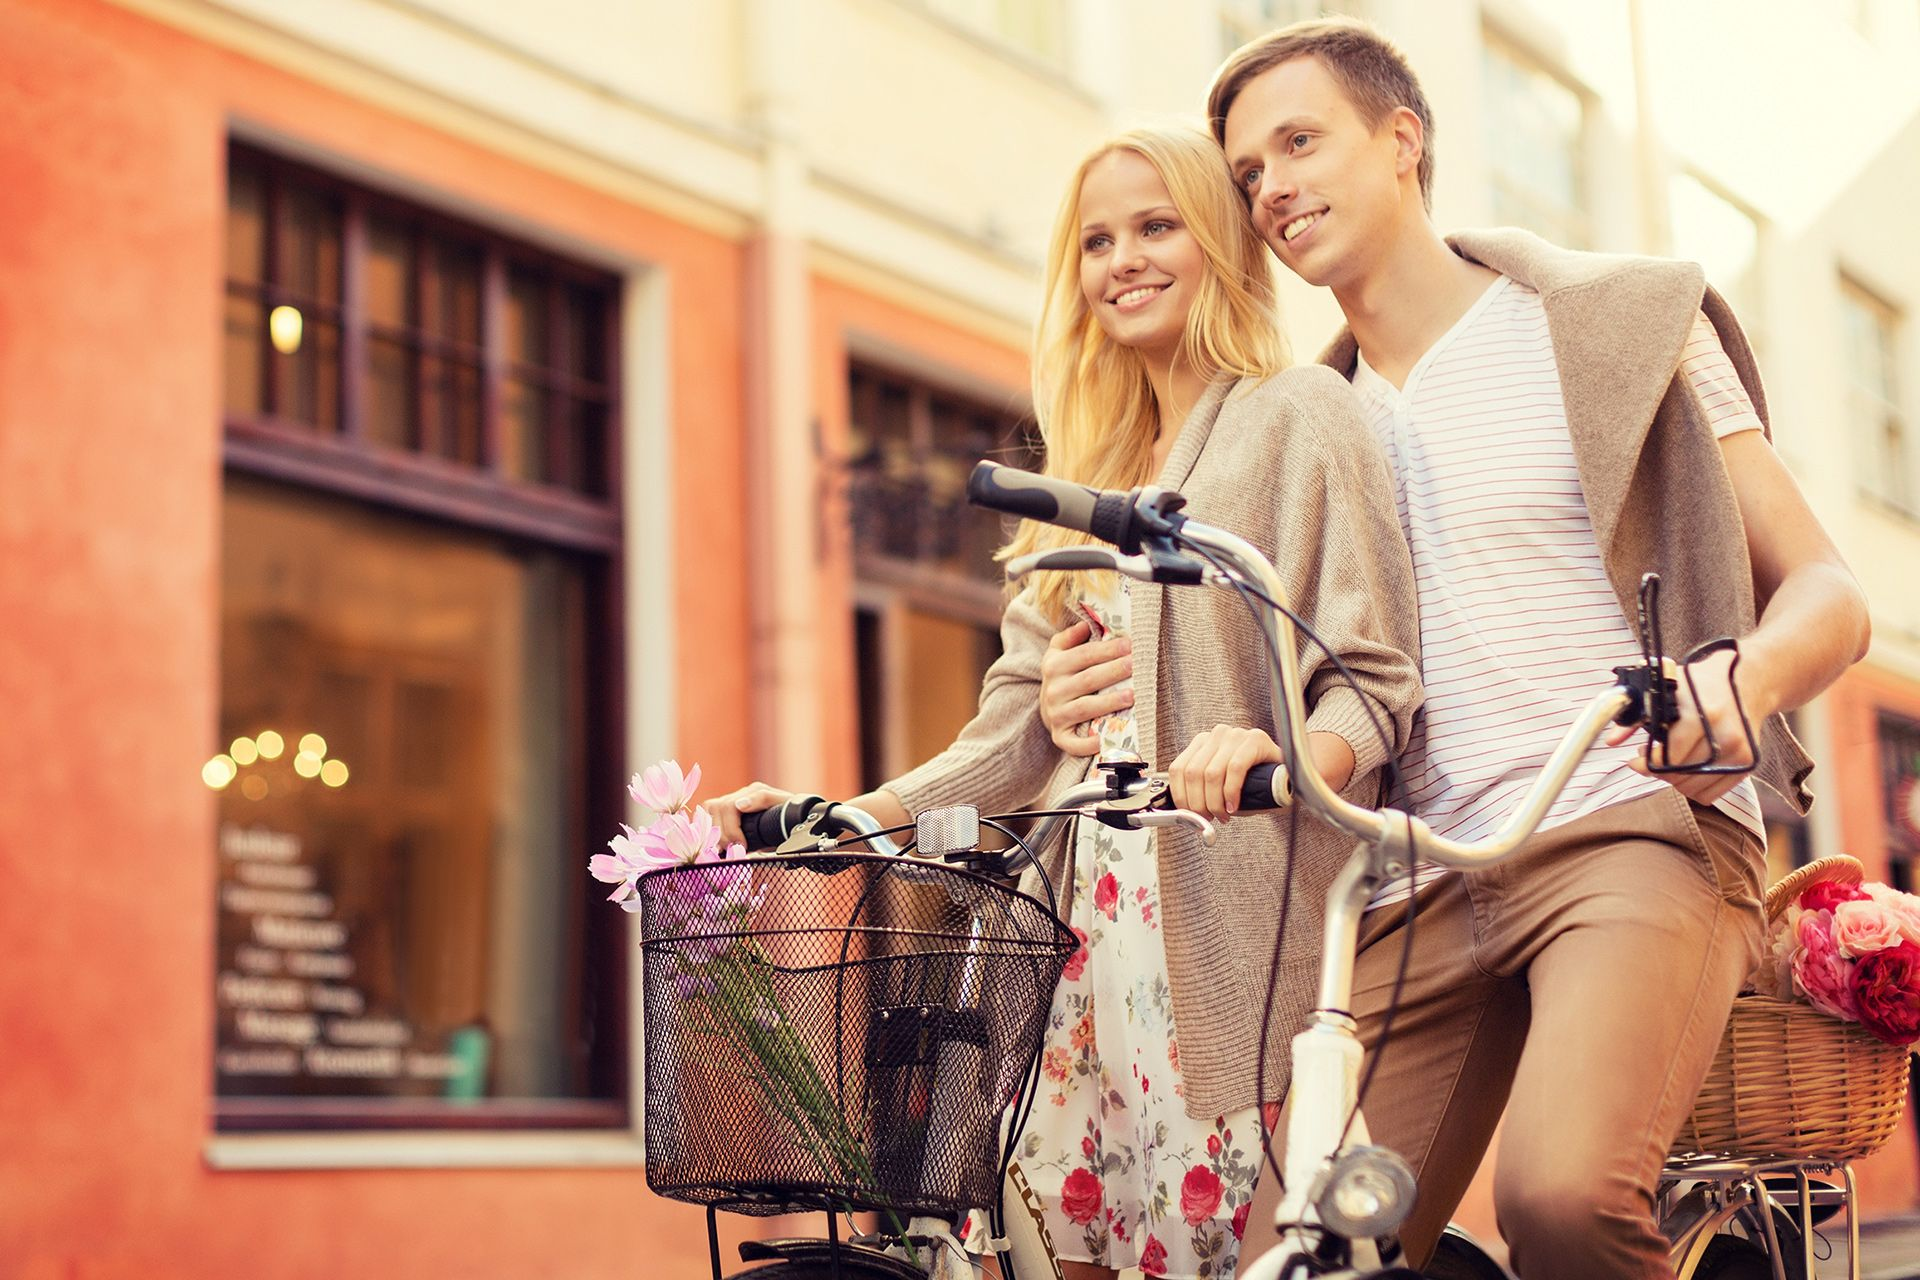 Romantisches Wochenende in Potsdam ab 99€ schenken